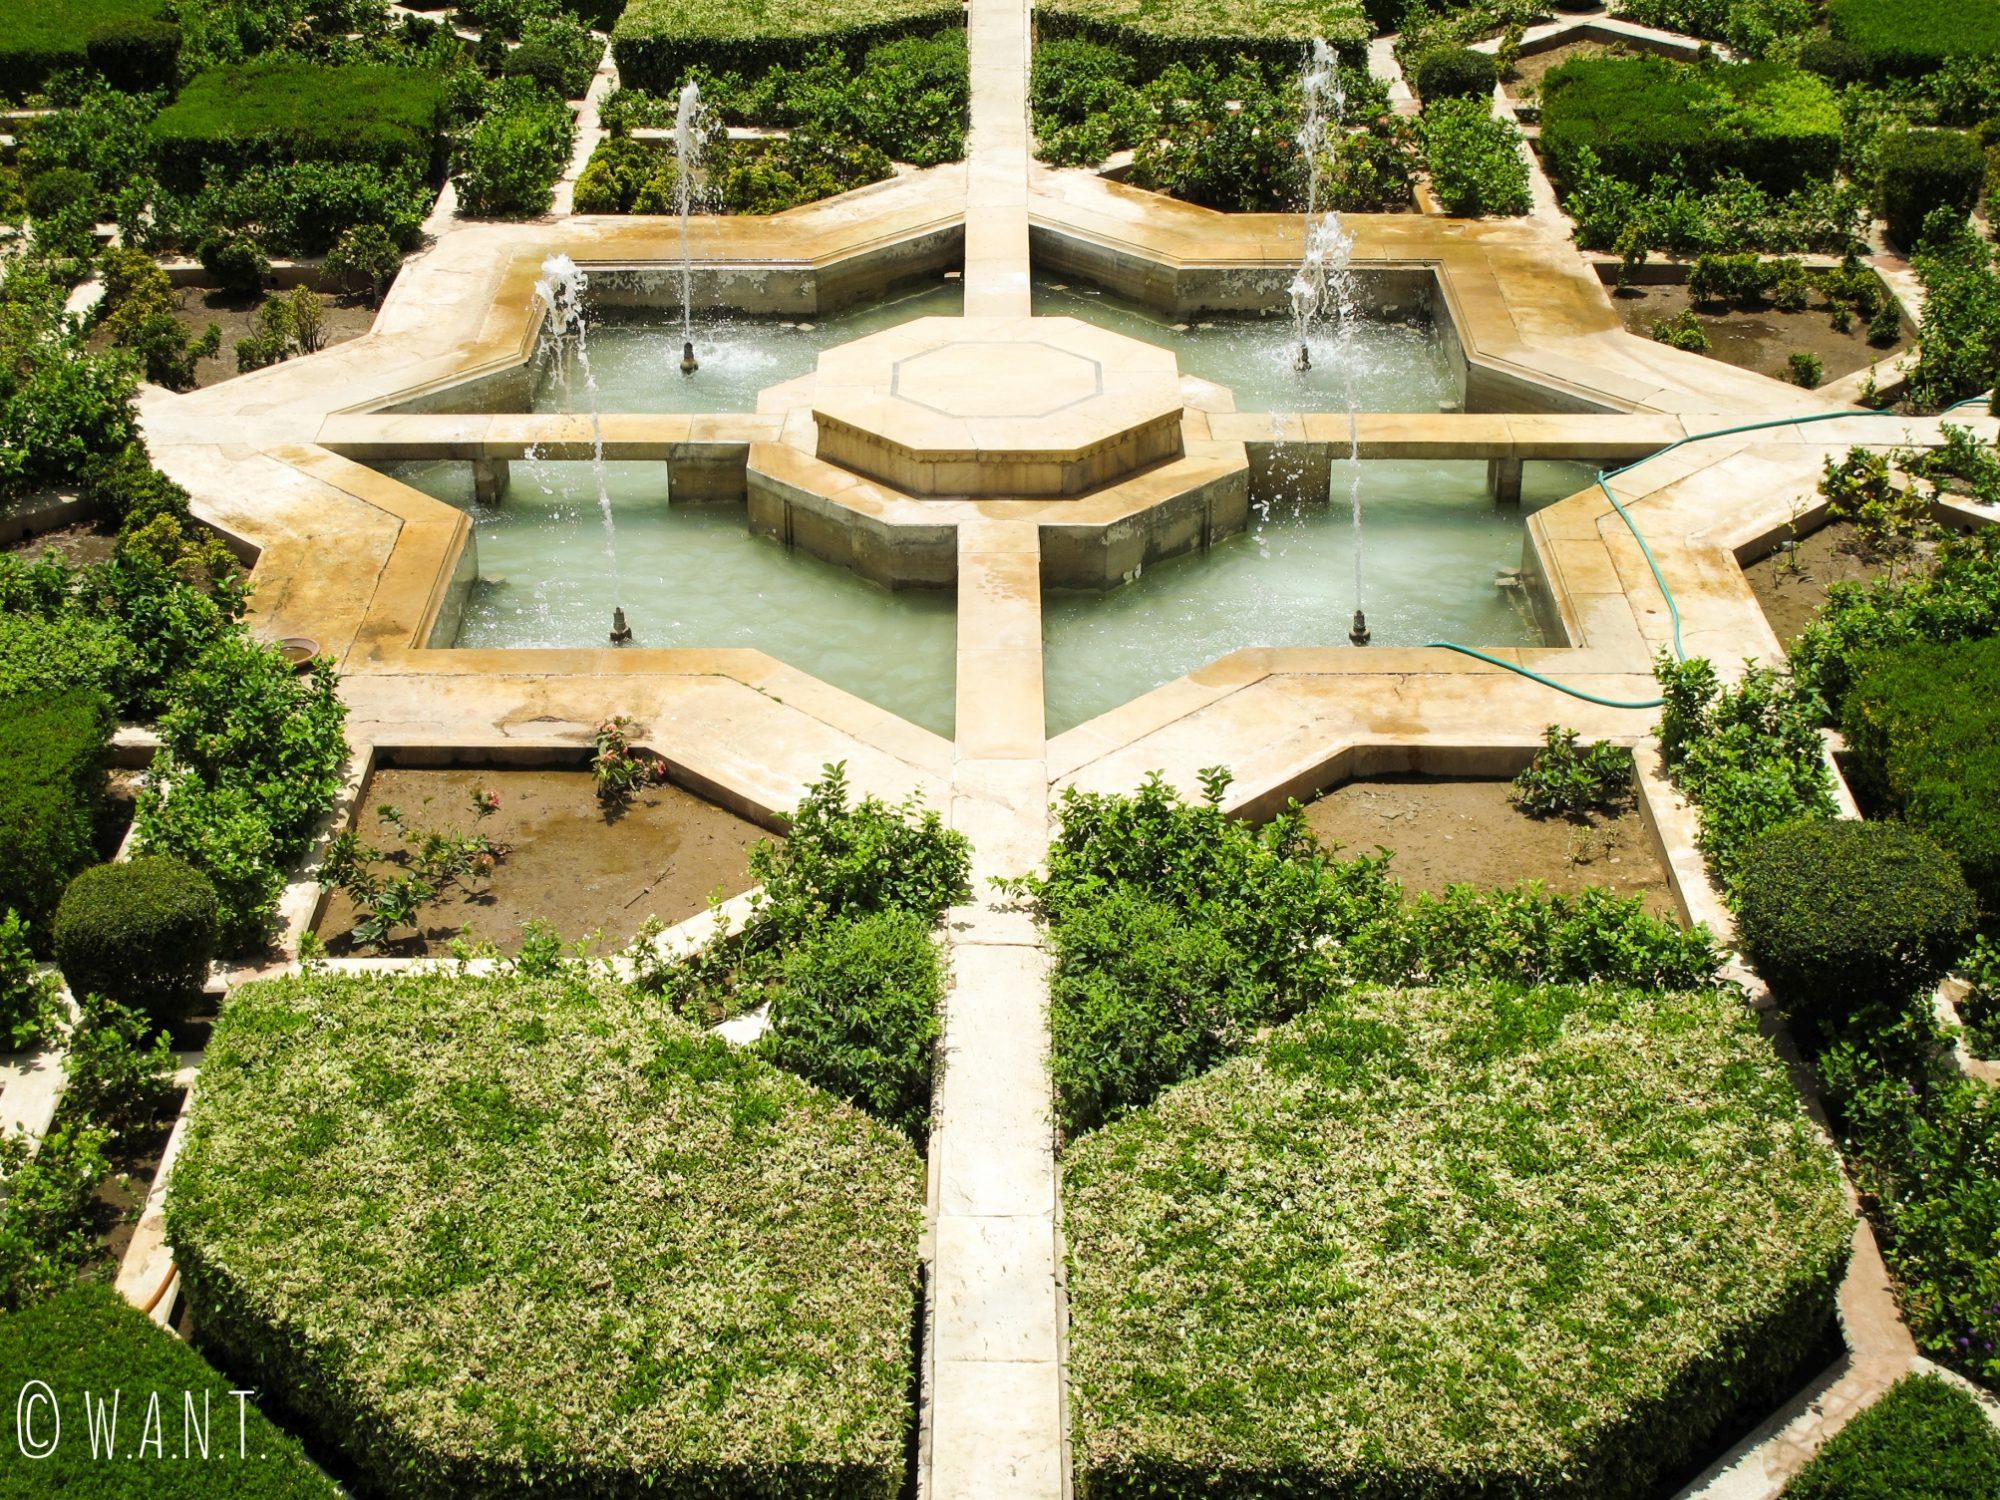 Le patio du fort d'Amber est bien entretenu et la géométrie du bassin ressemble à une fleur